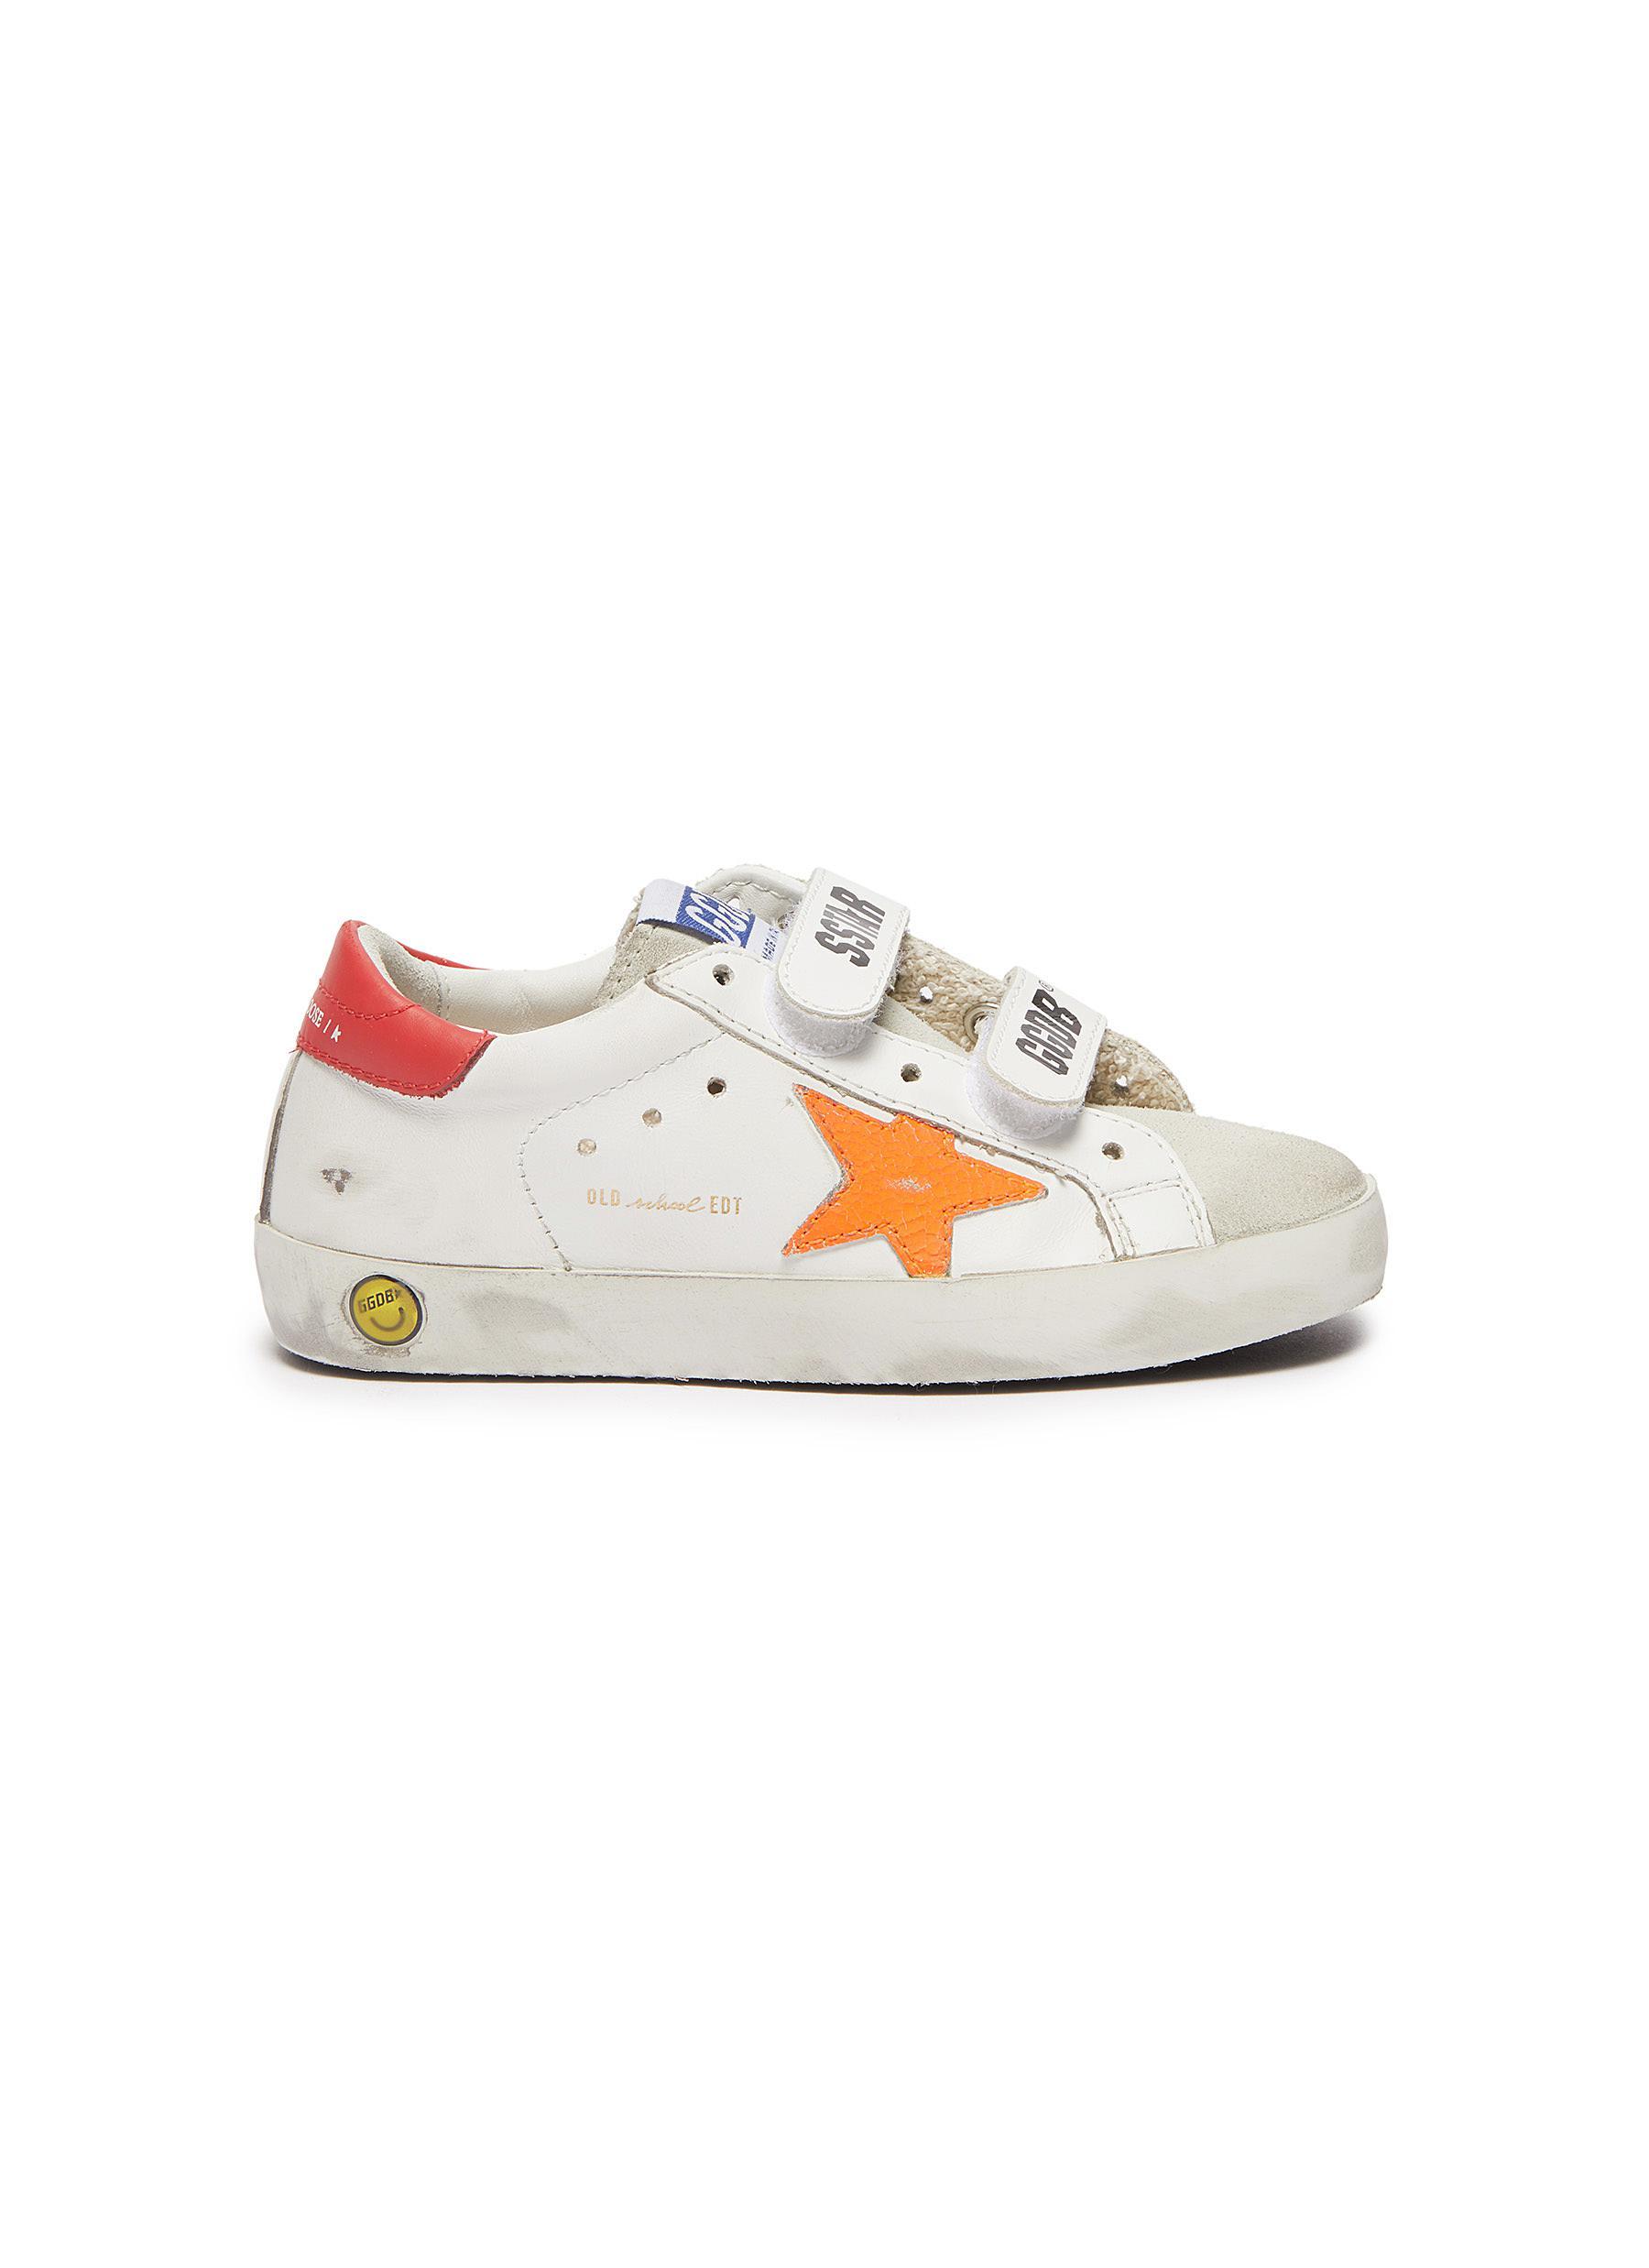 Old School' Contrast Star Motif Heel Tab Leather Toddler Sneakers